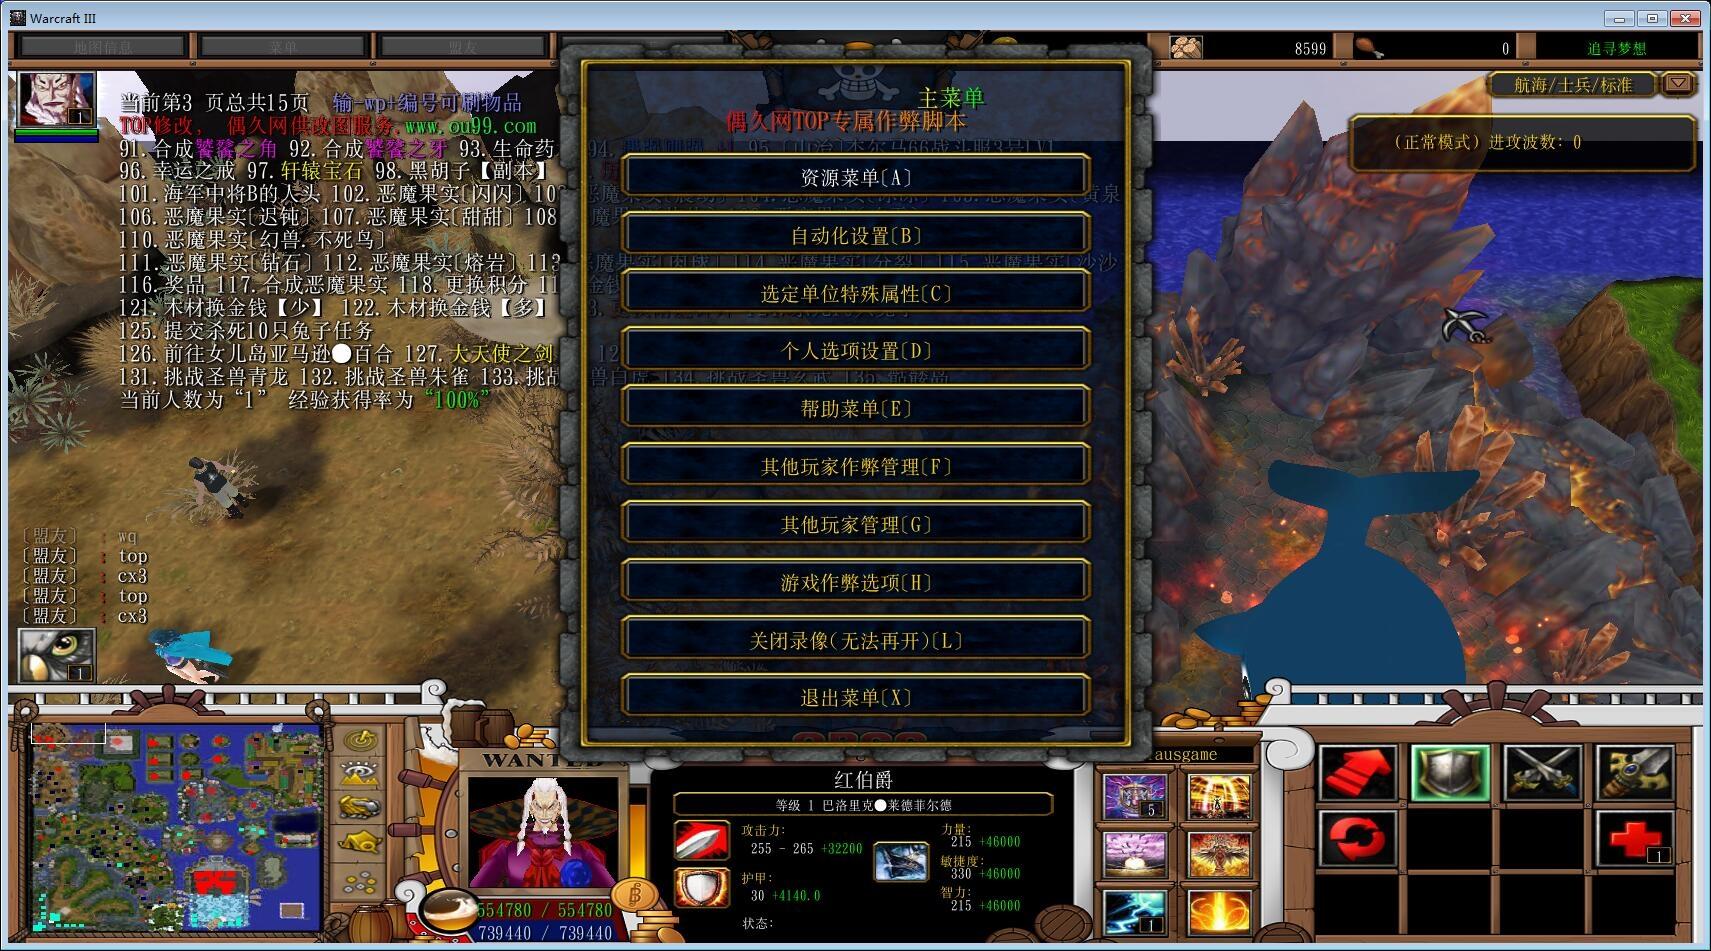 王者航海3.2.5TOP破解 解锁全英雄+全商城特权+古代兵器礼包+解除武器限制+刷物品无CD